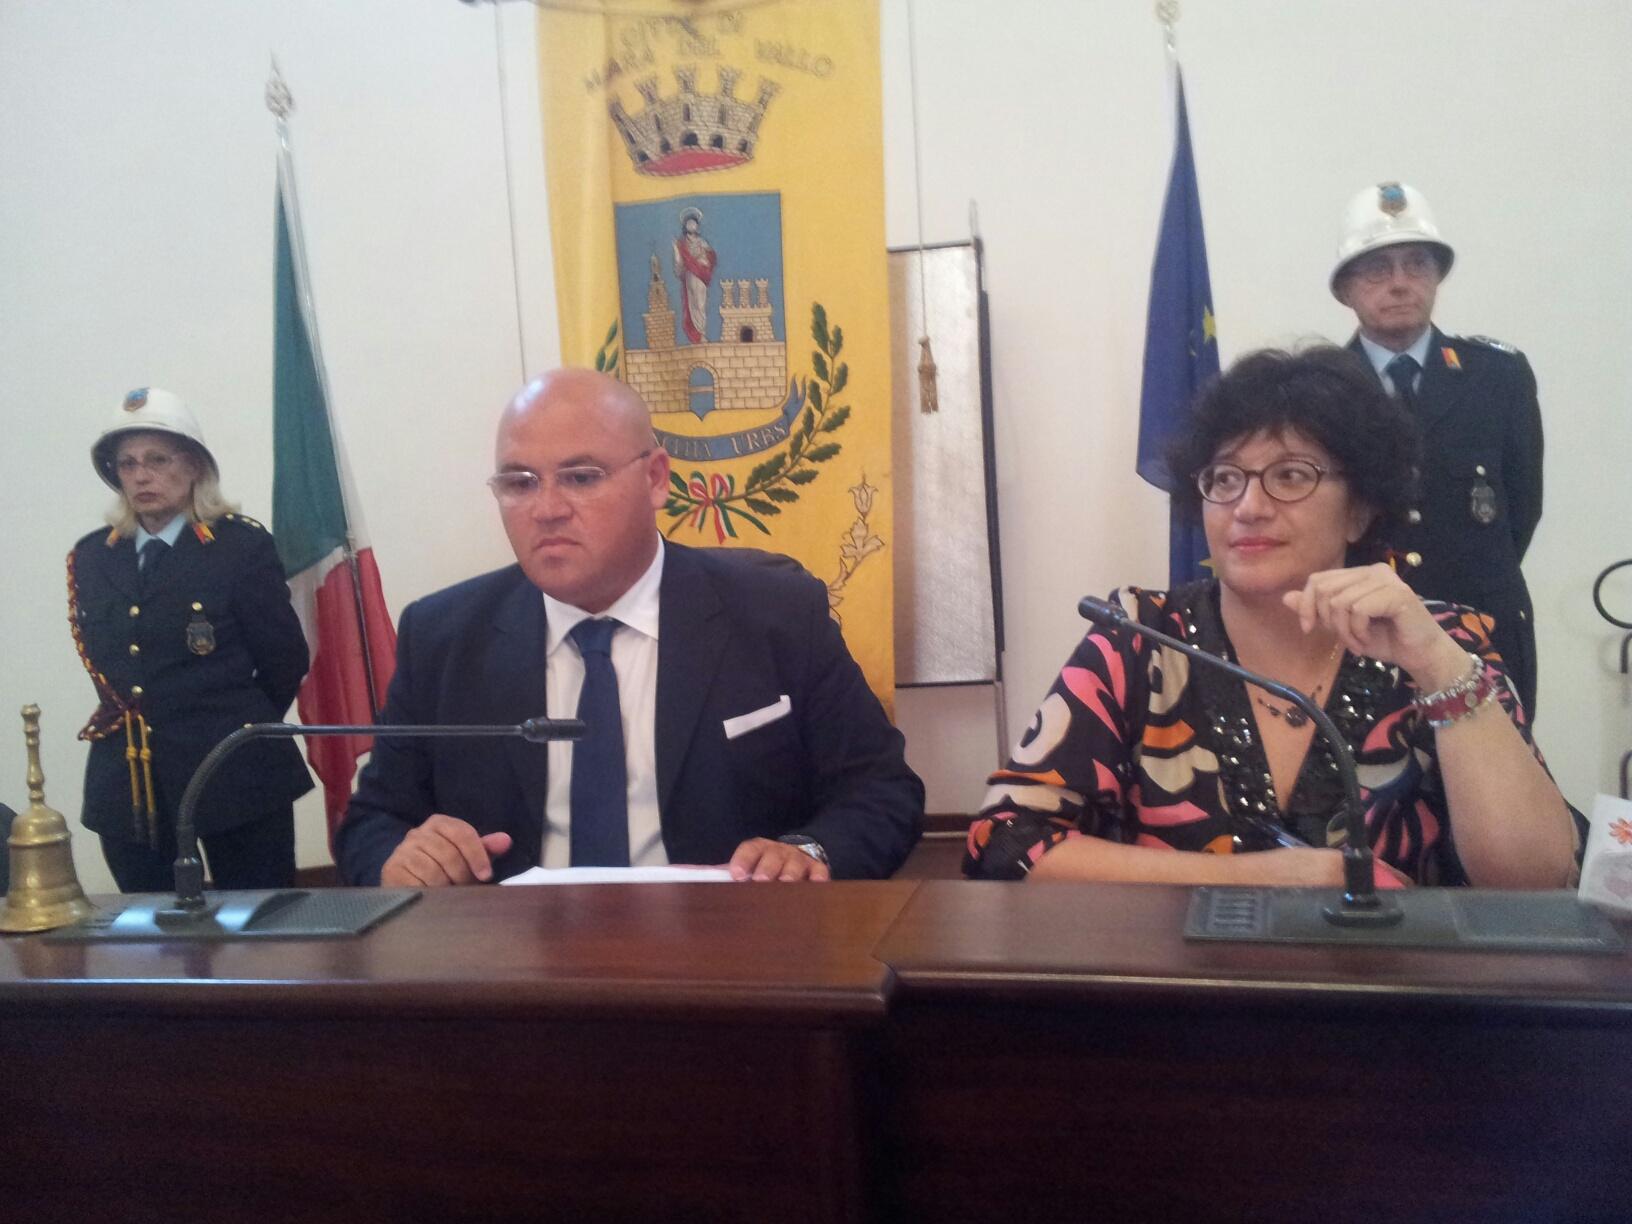 Mazara. Convocato il consiglio comunale per martedì 3 luglio alle ore 15.30